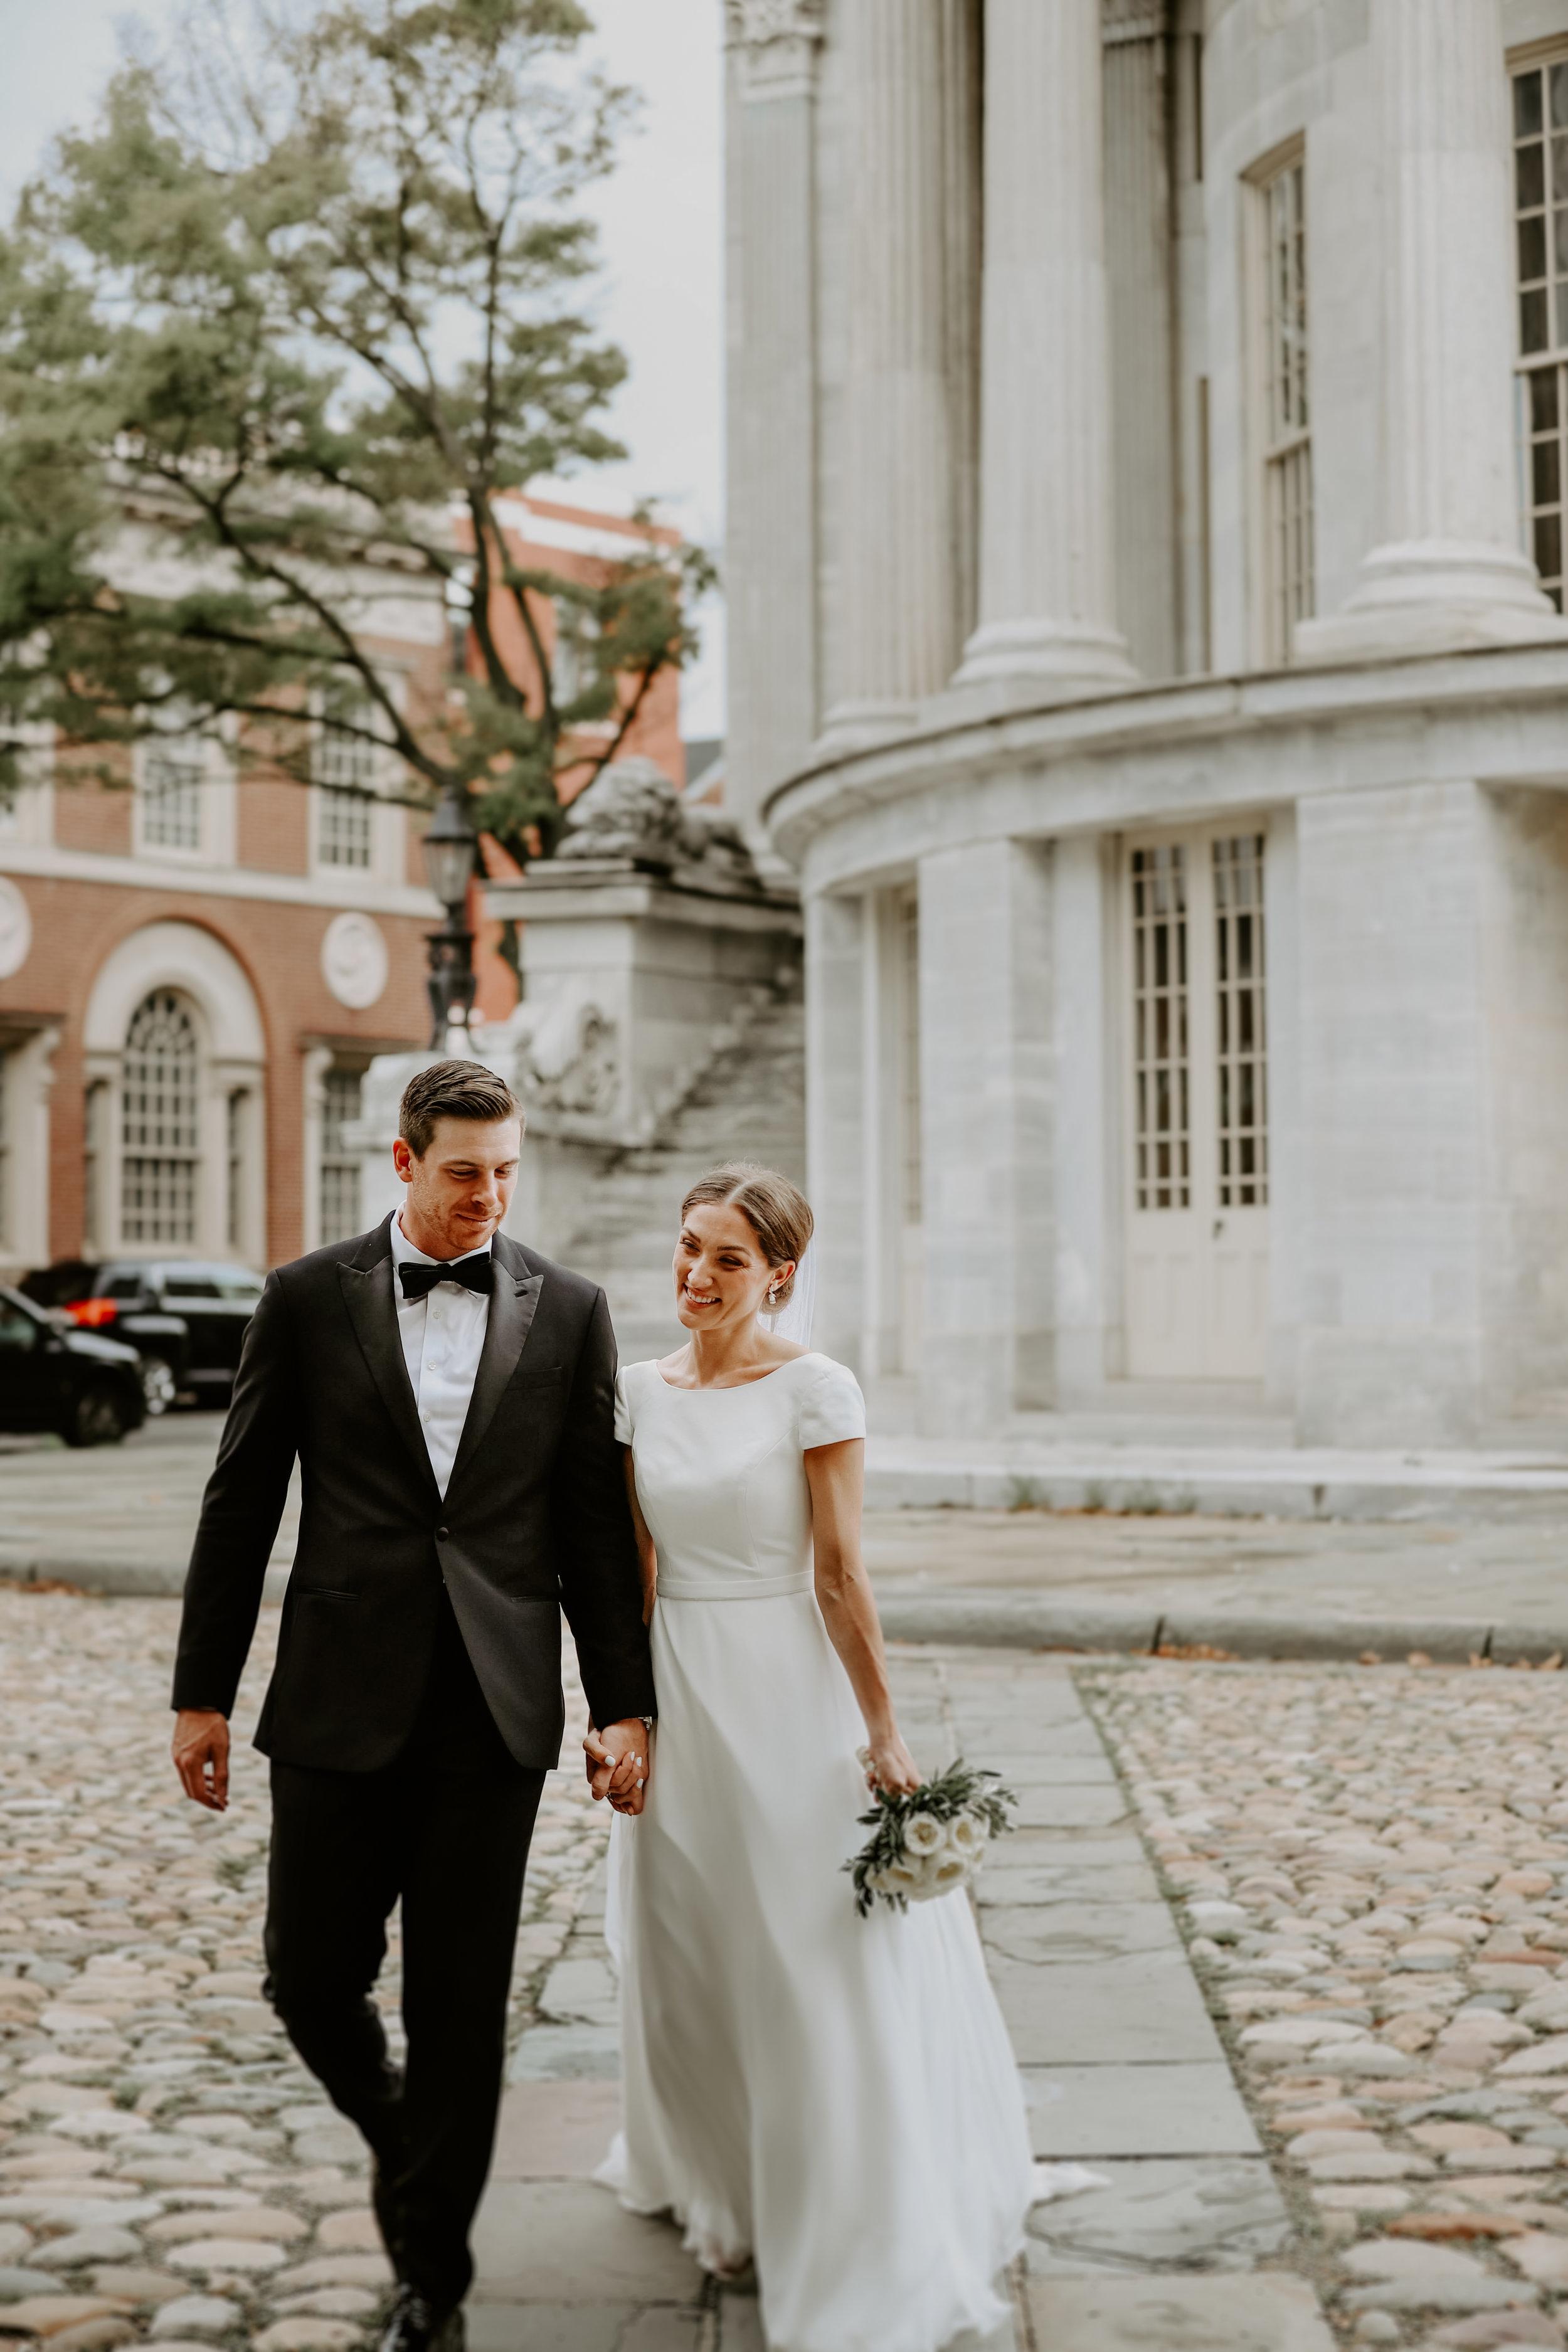 Julianna + Chris Wedding 175.jpg